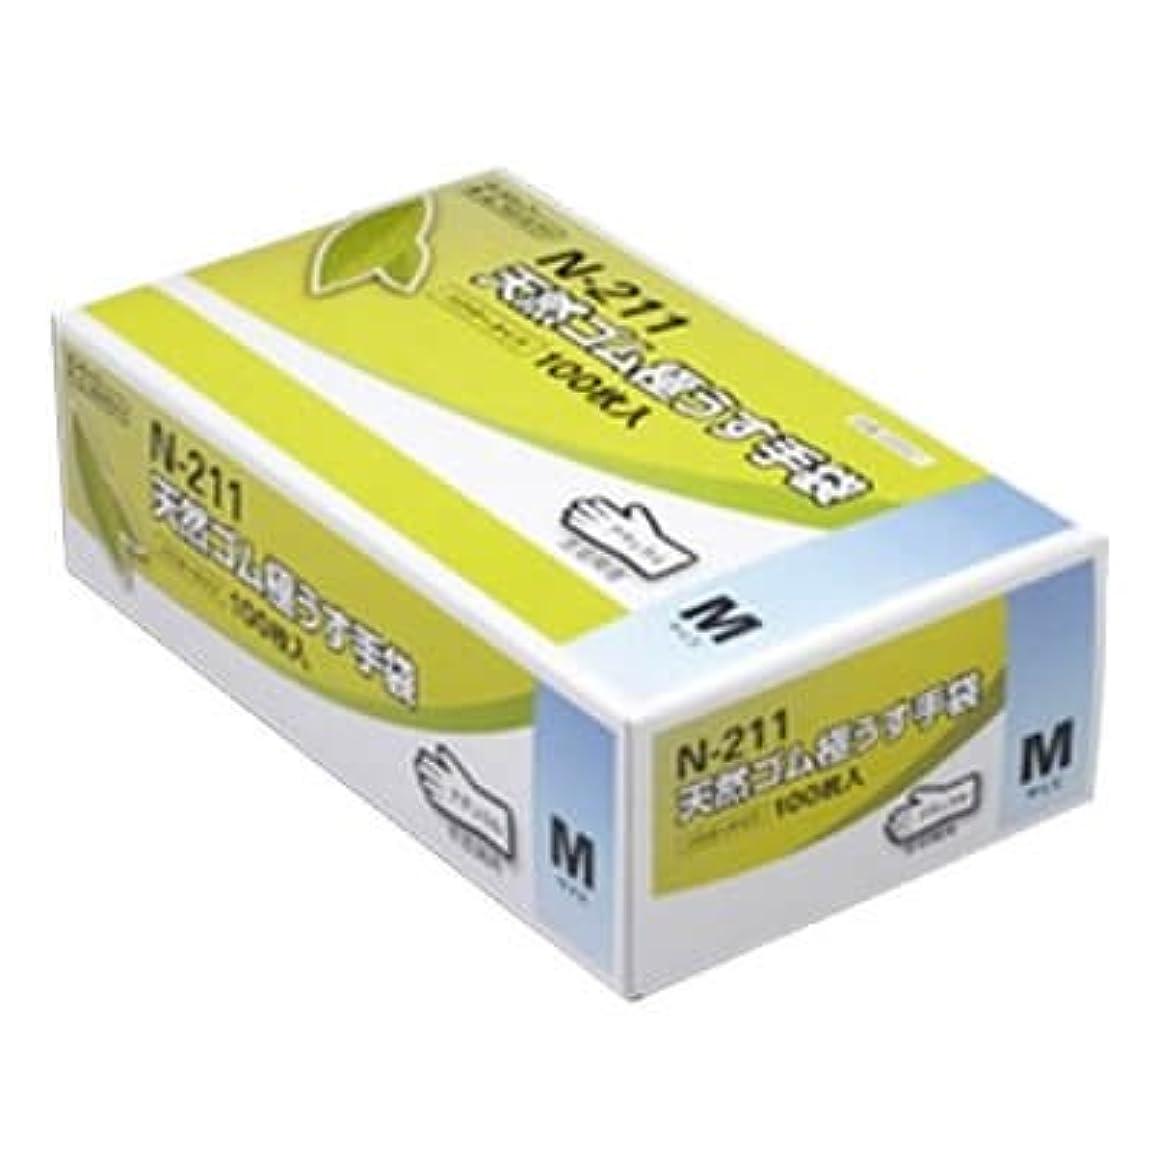 屈辱する罰原理【ケース販売】 ダンロップ 天然ゴム極うす手袋 N-211 M ナチュラル (100枚入×20箱)